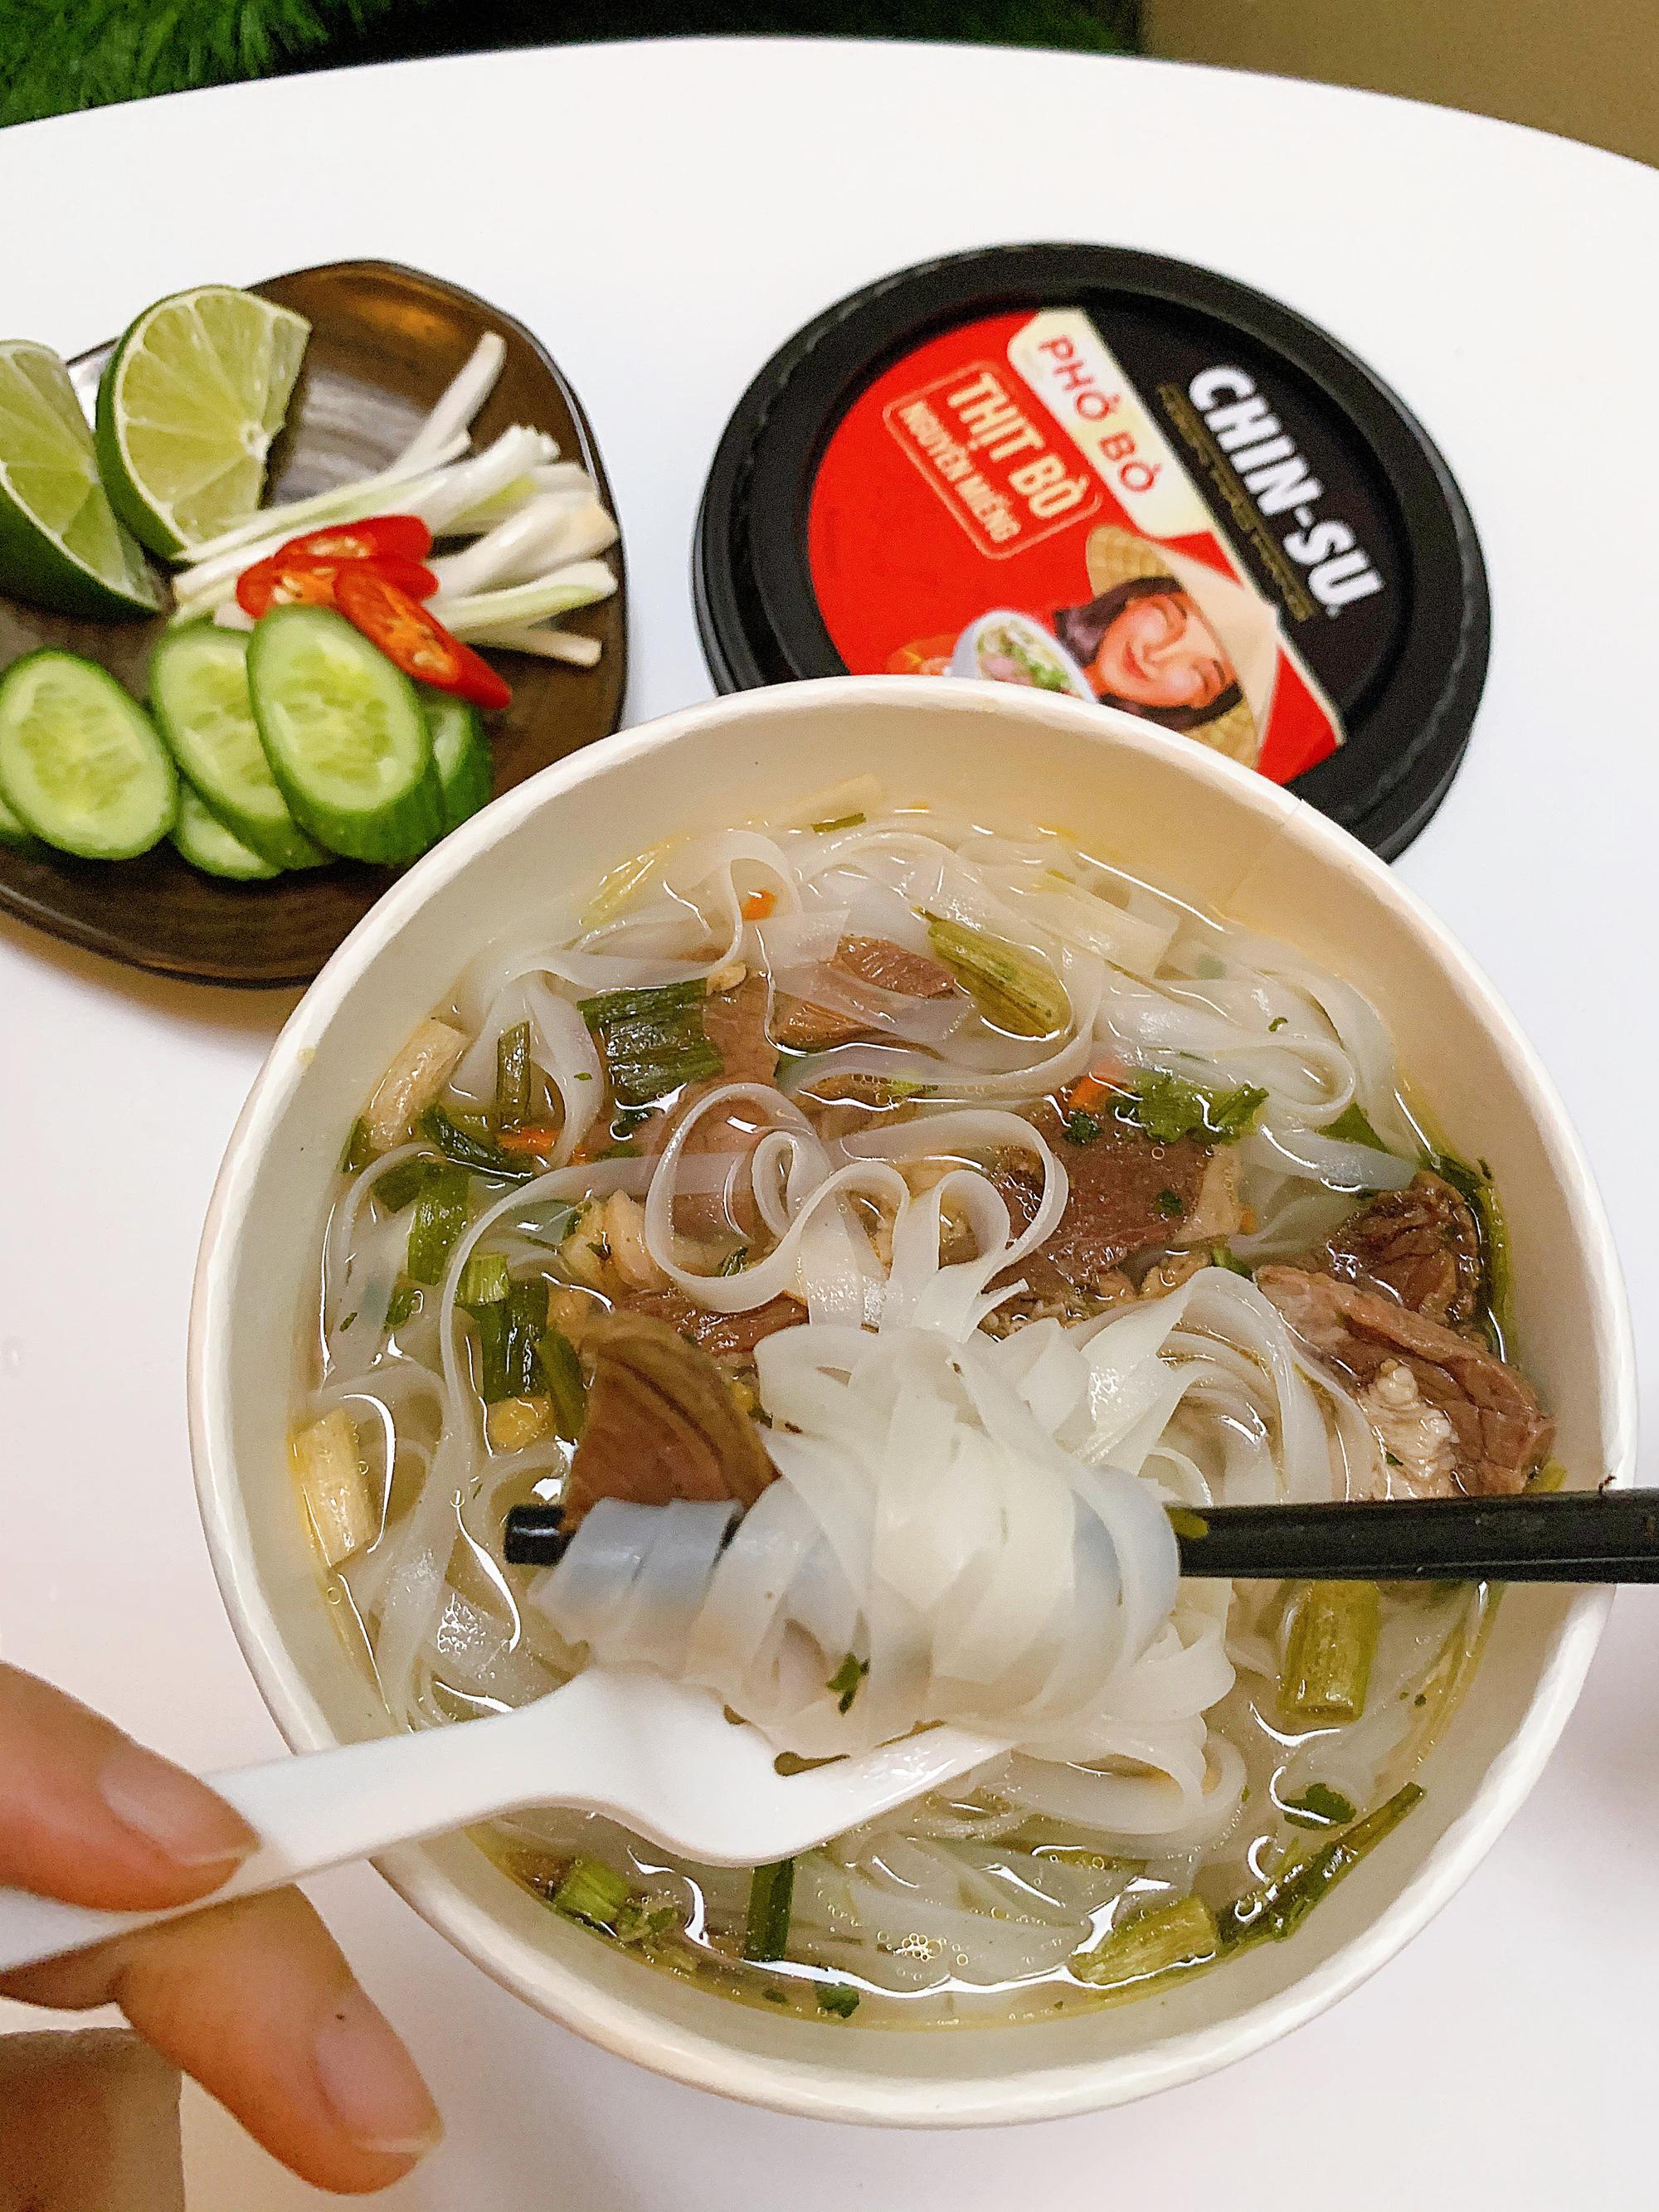 """Thành viên nhóm review ẩm thực hàng đầu Việt Nam bàn tán về loại phở ăn liền đang hot gần đây: Bất ngờ bởi thịt bò xịn"""" nguyên miếng!-7"""